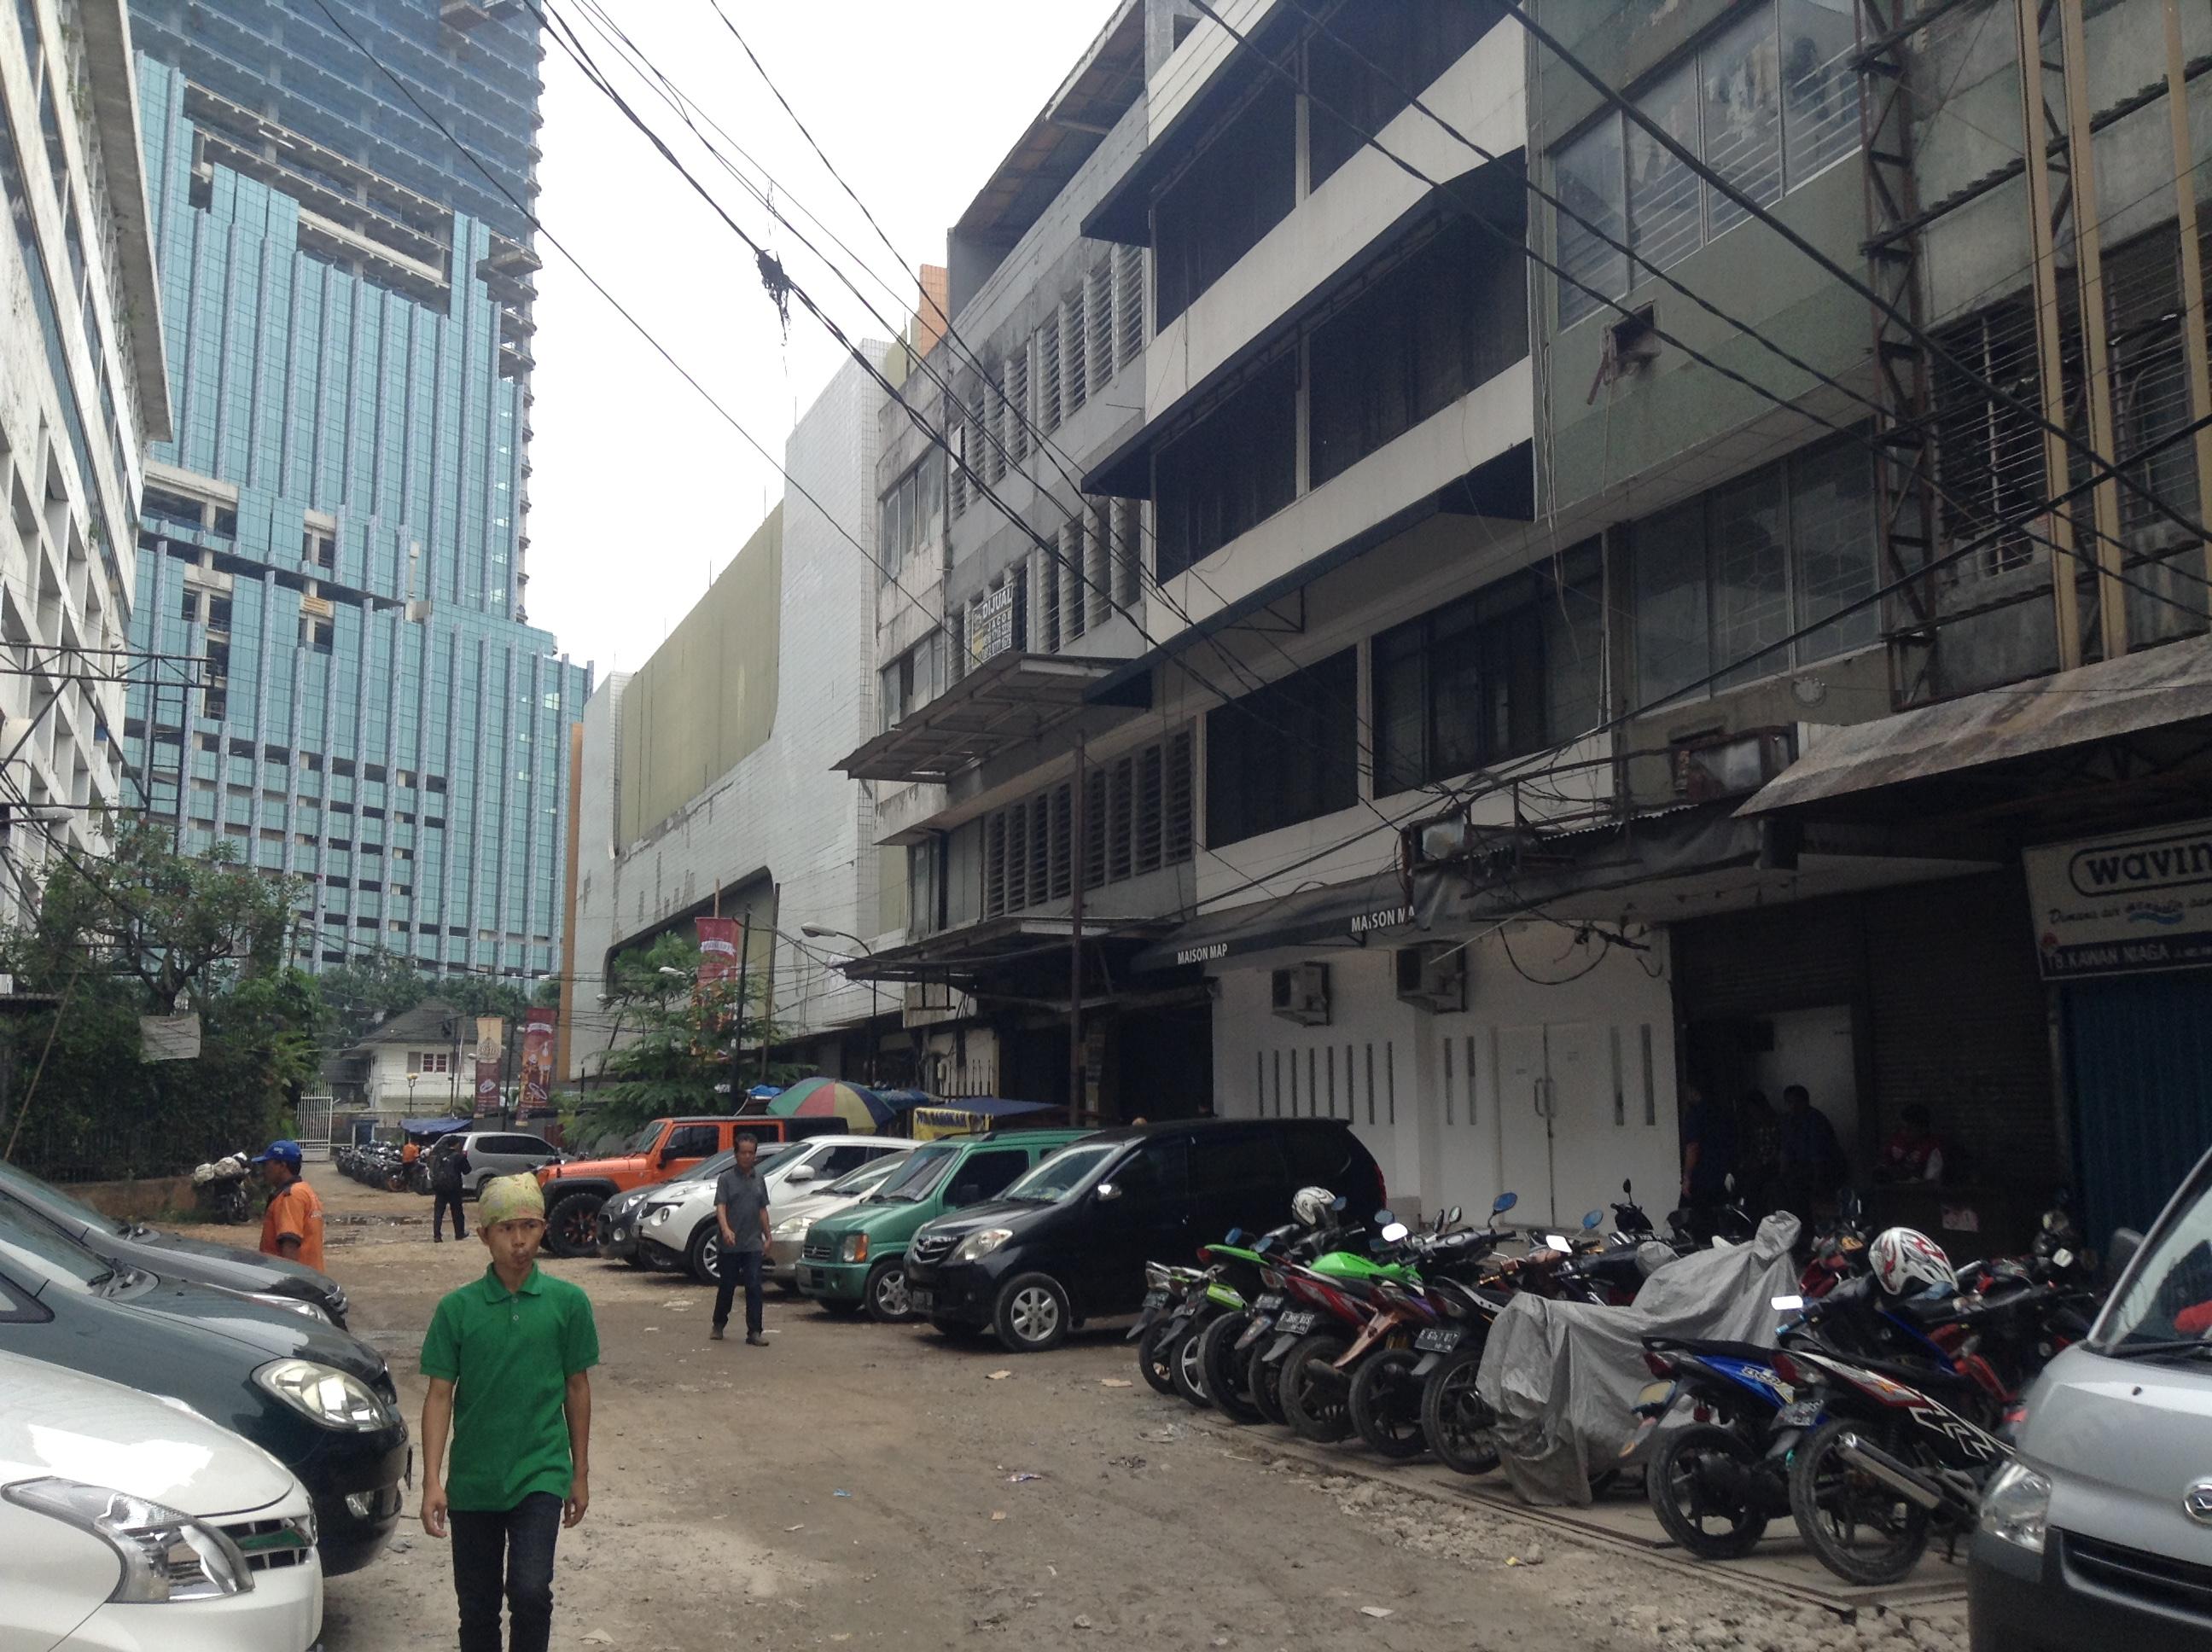 インドネシア ジャカルタの転職エージェント G.A.コンサルタンツのオフィス周辺